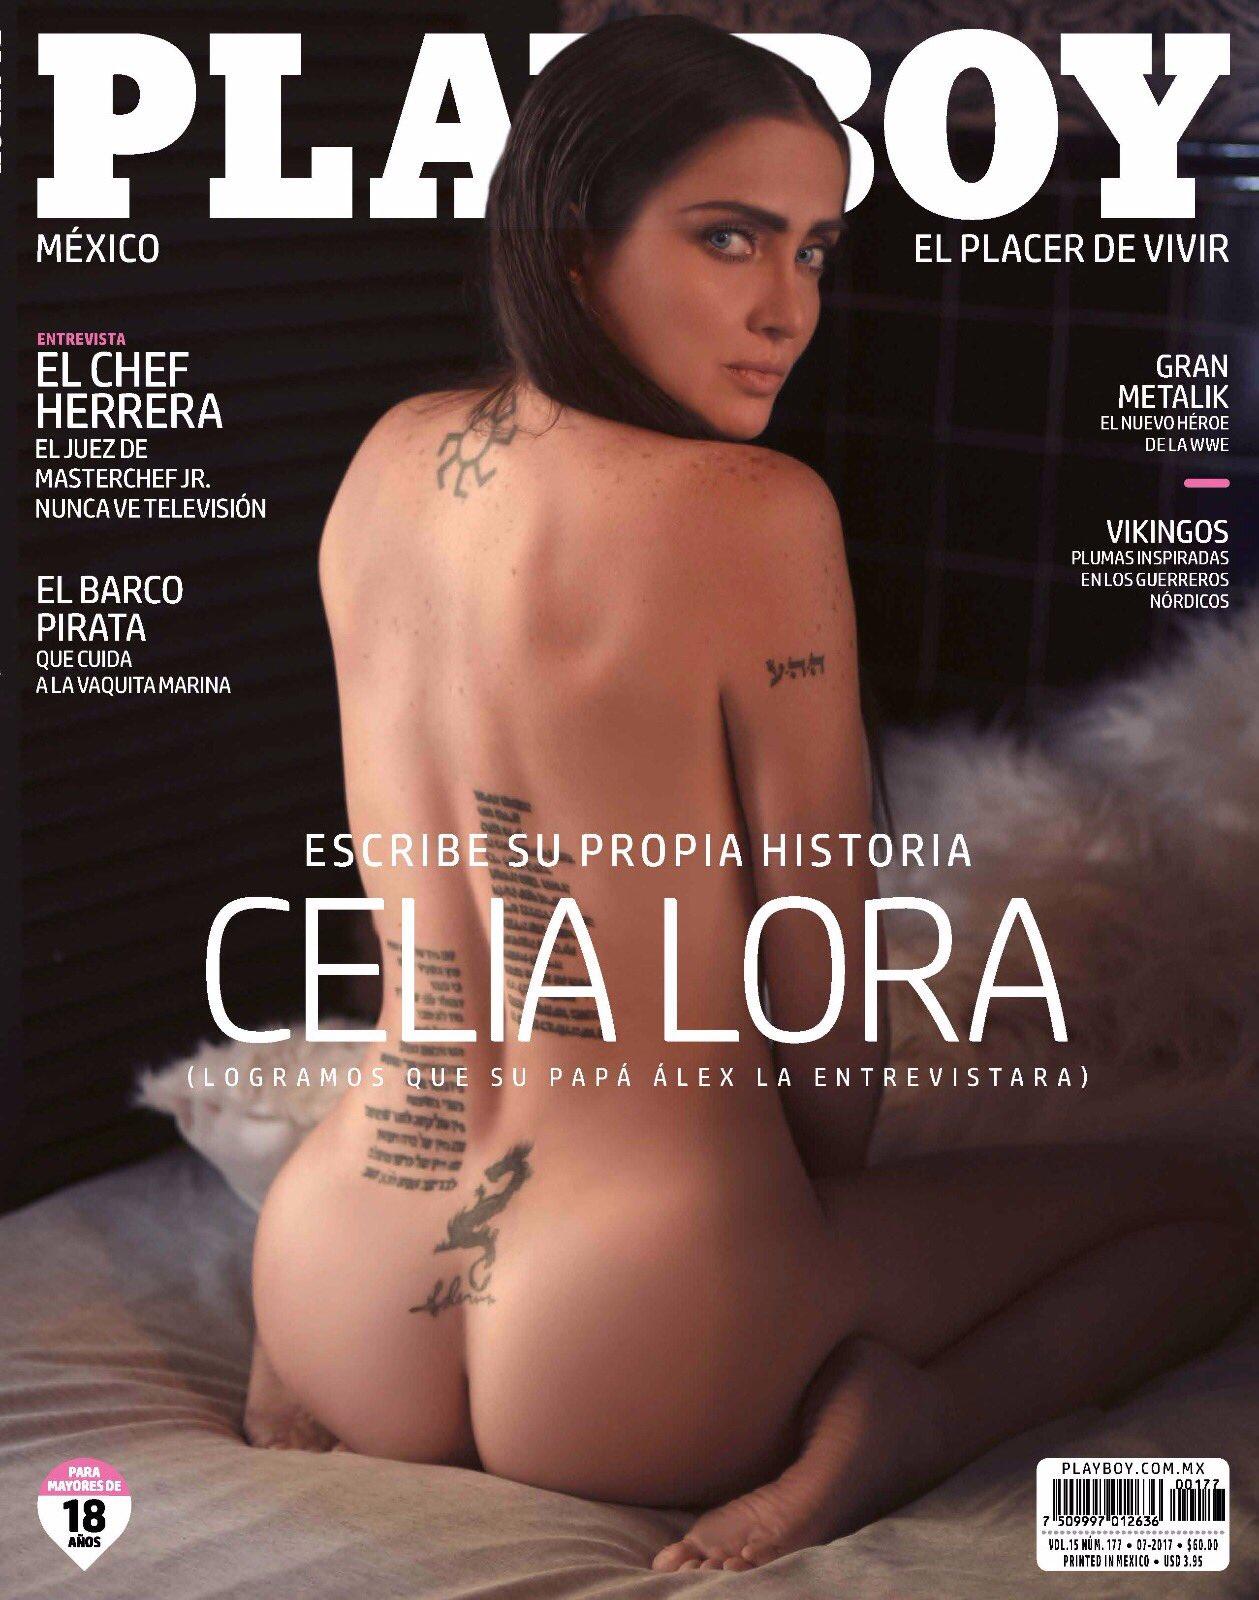 Celia Lora se vuelve a desnudar